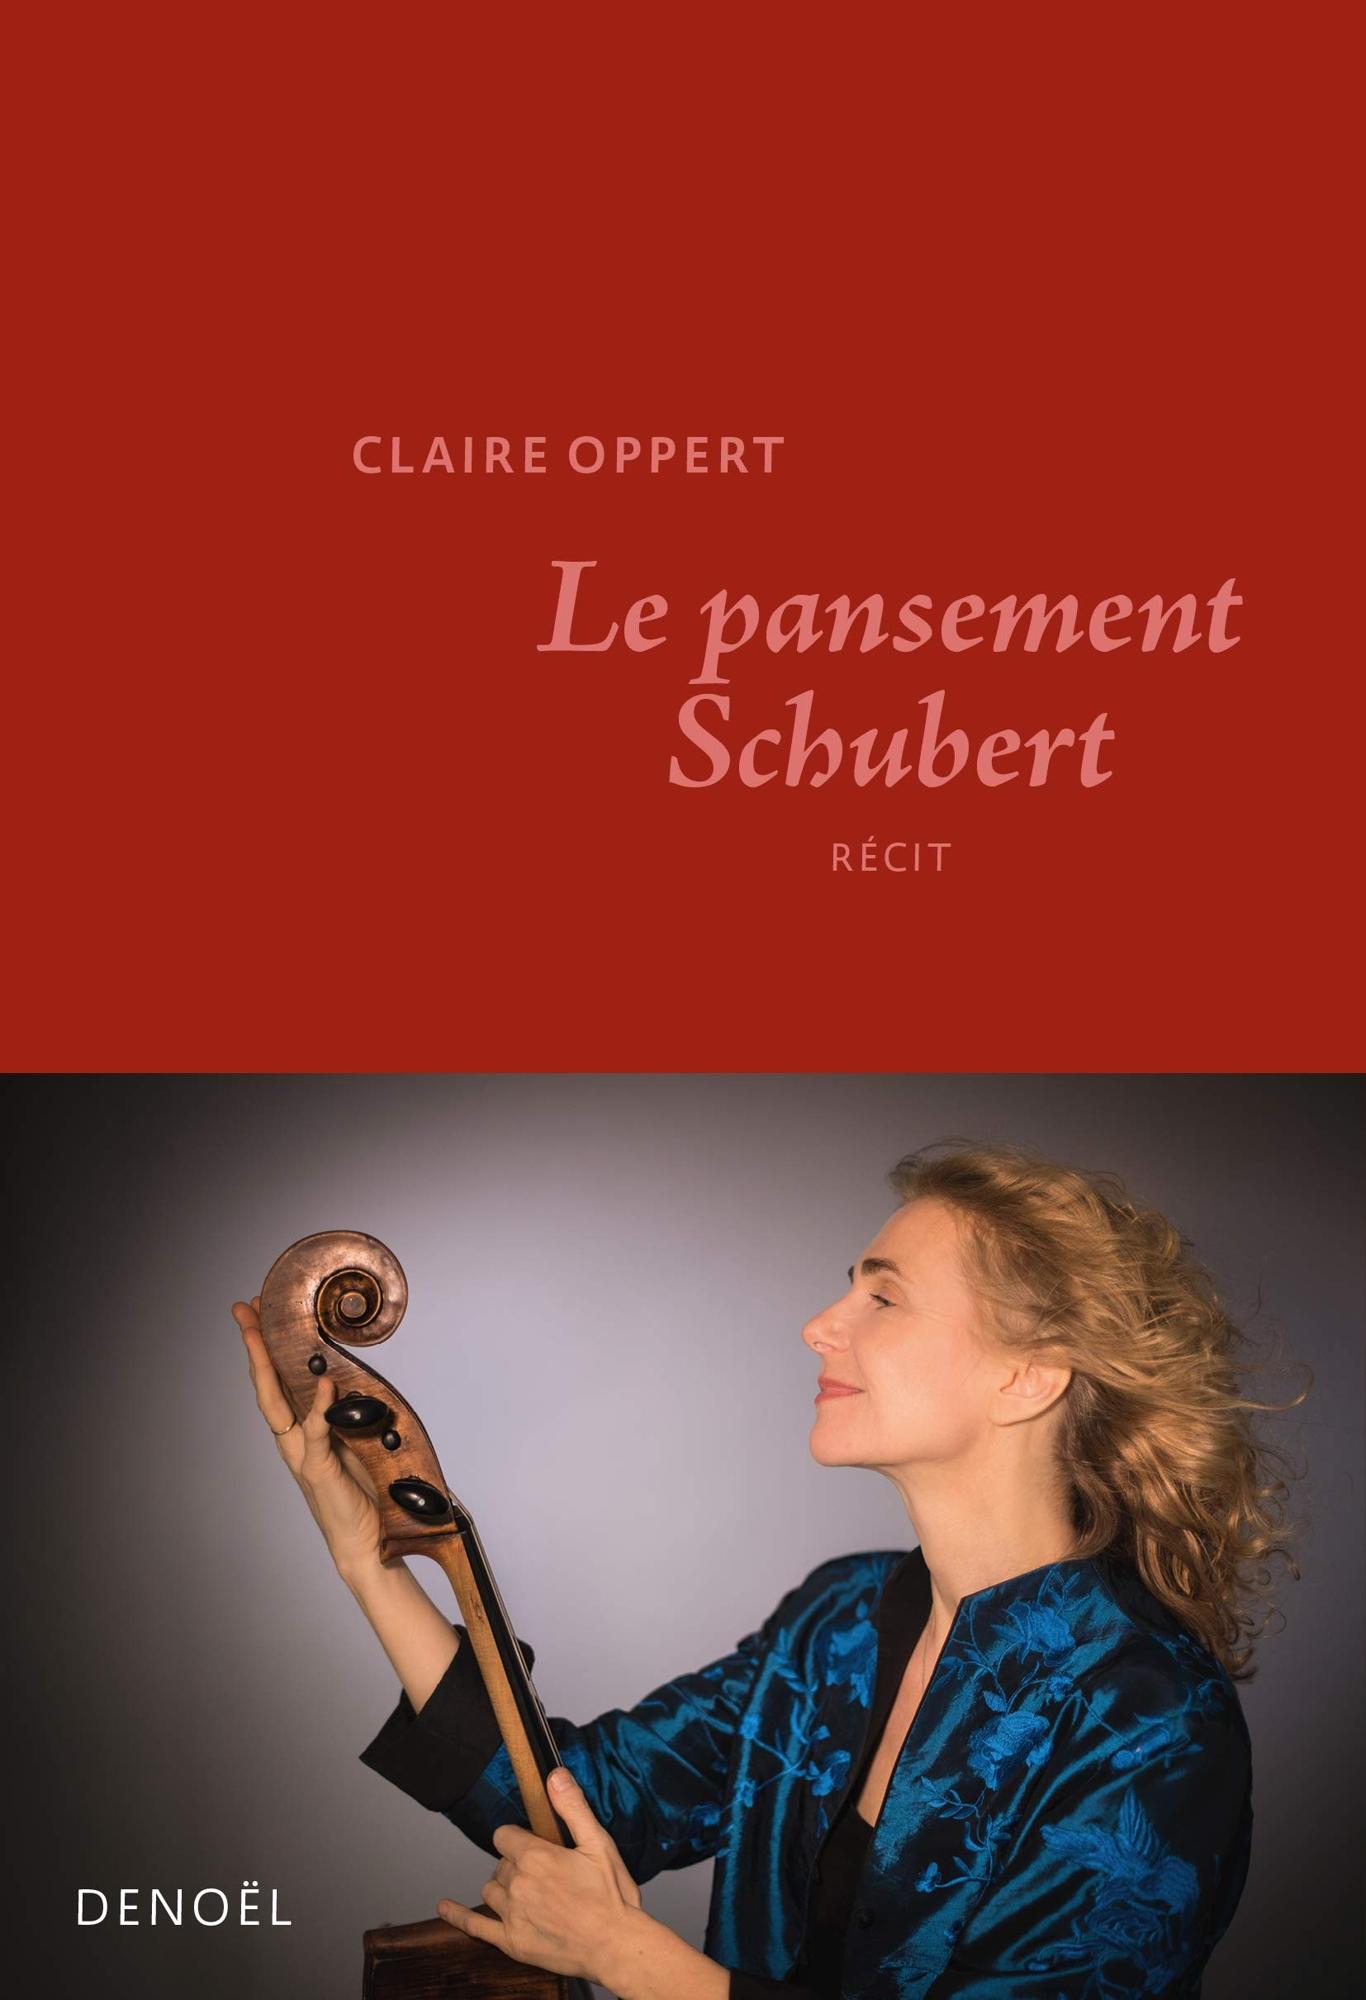 Le pansement Schubert